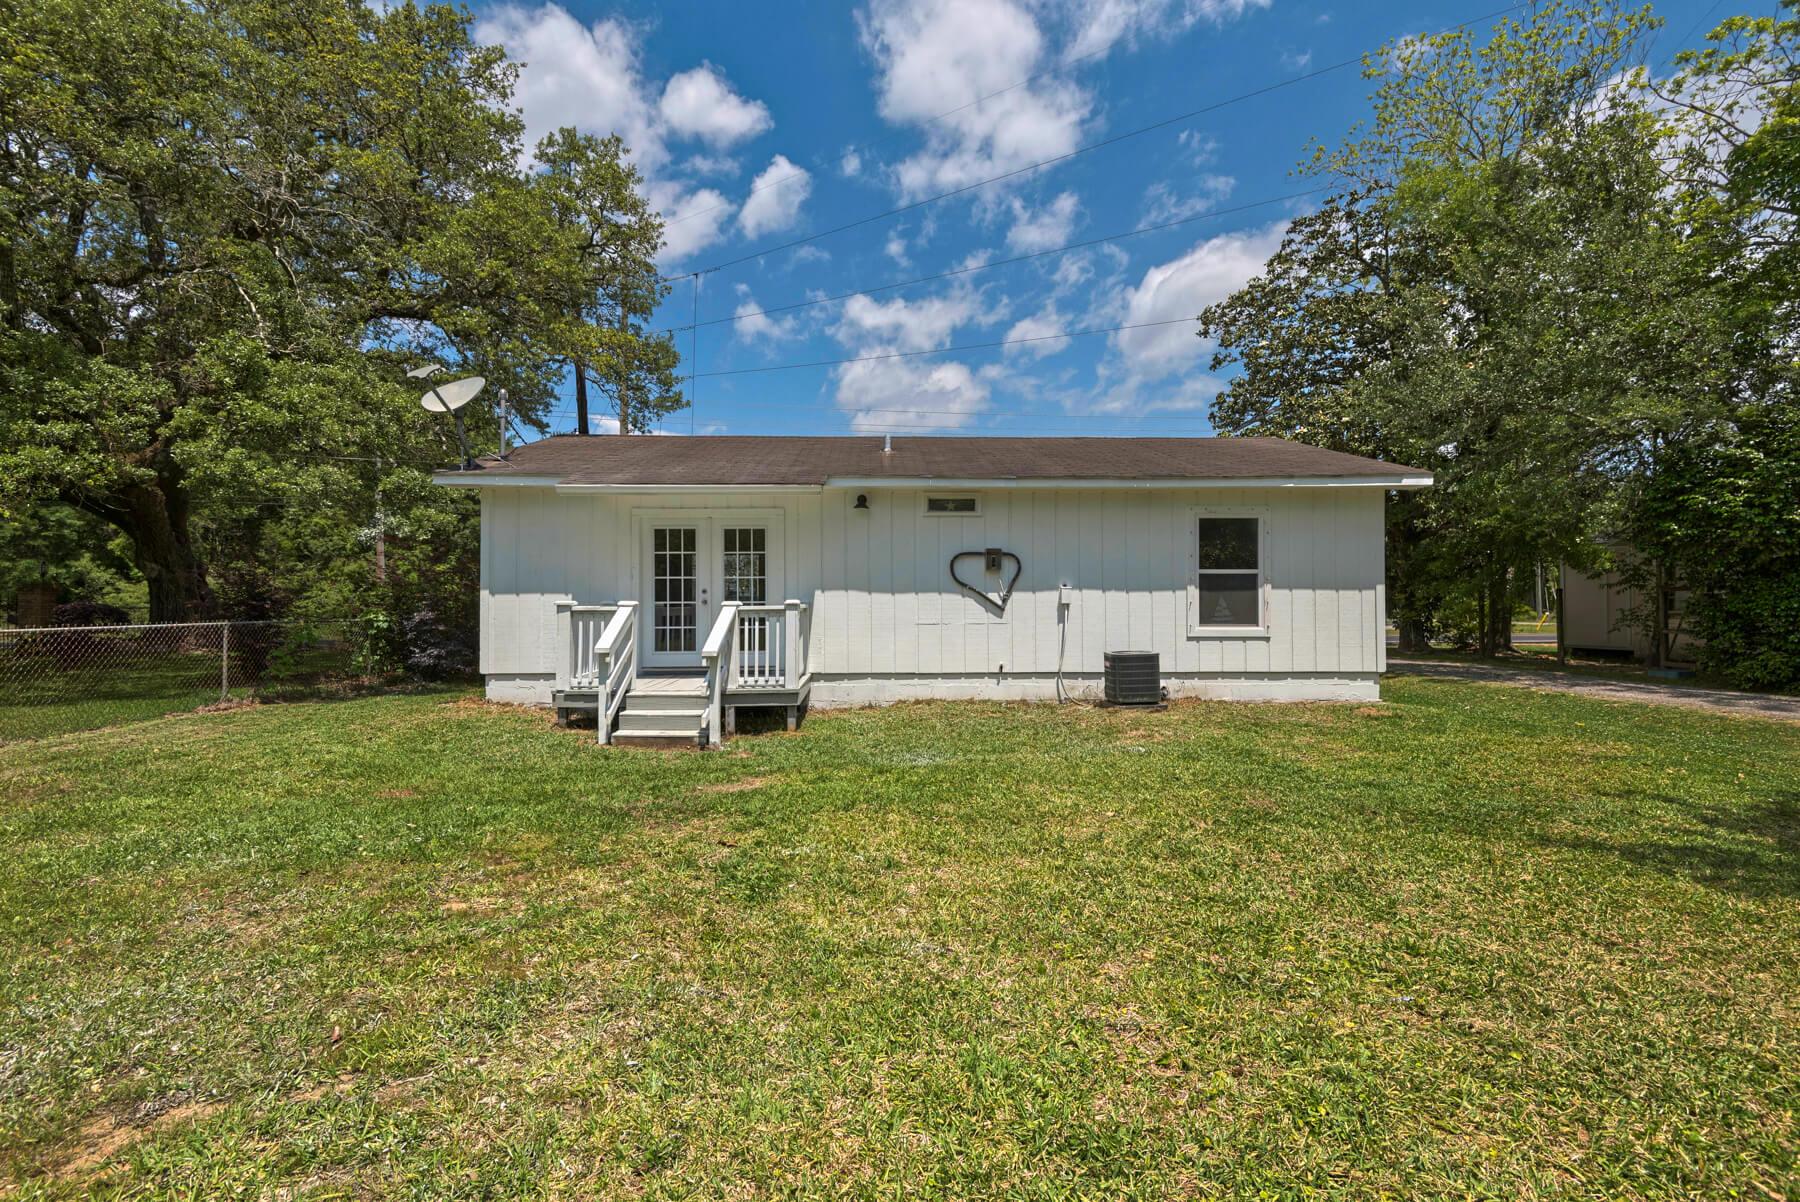 7466 Twin Beech Road Fairhope for Sale Urban Property backyard view 6